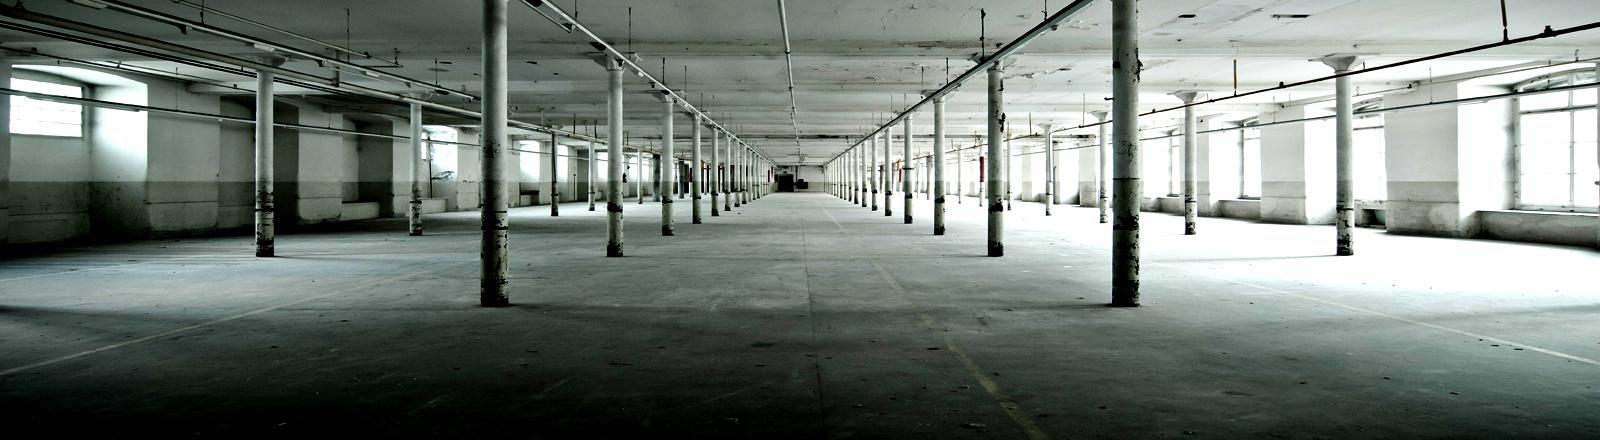 Eine leere Fabrikhalle.